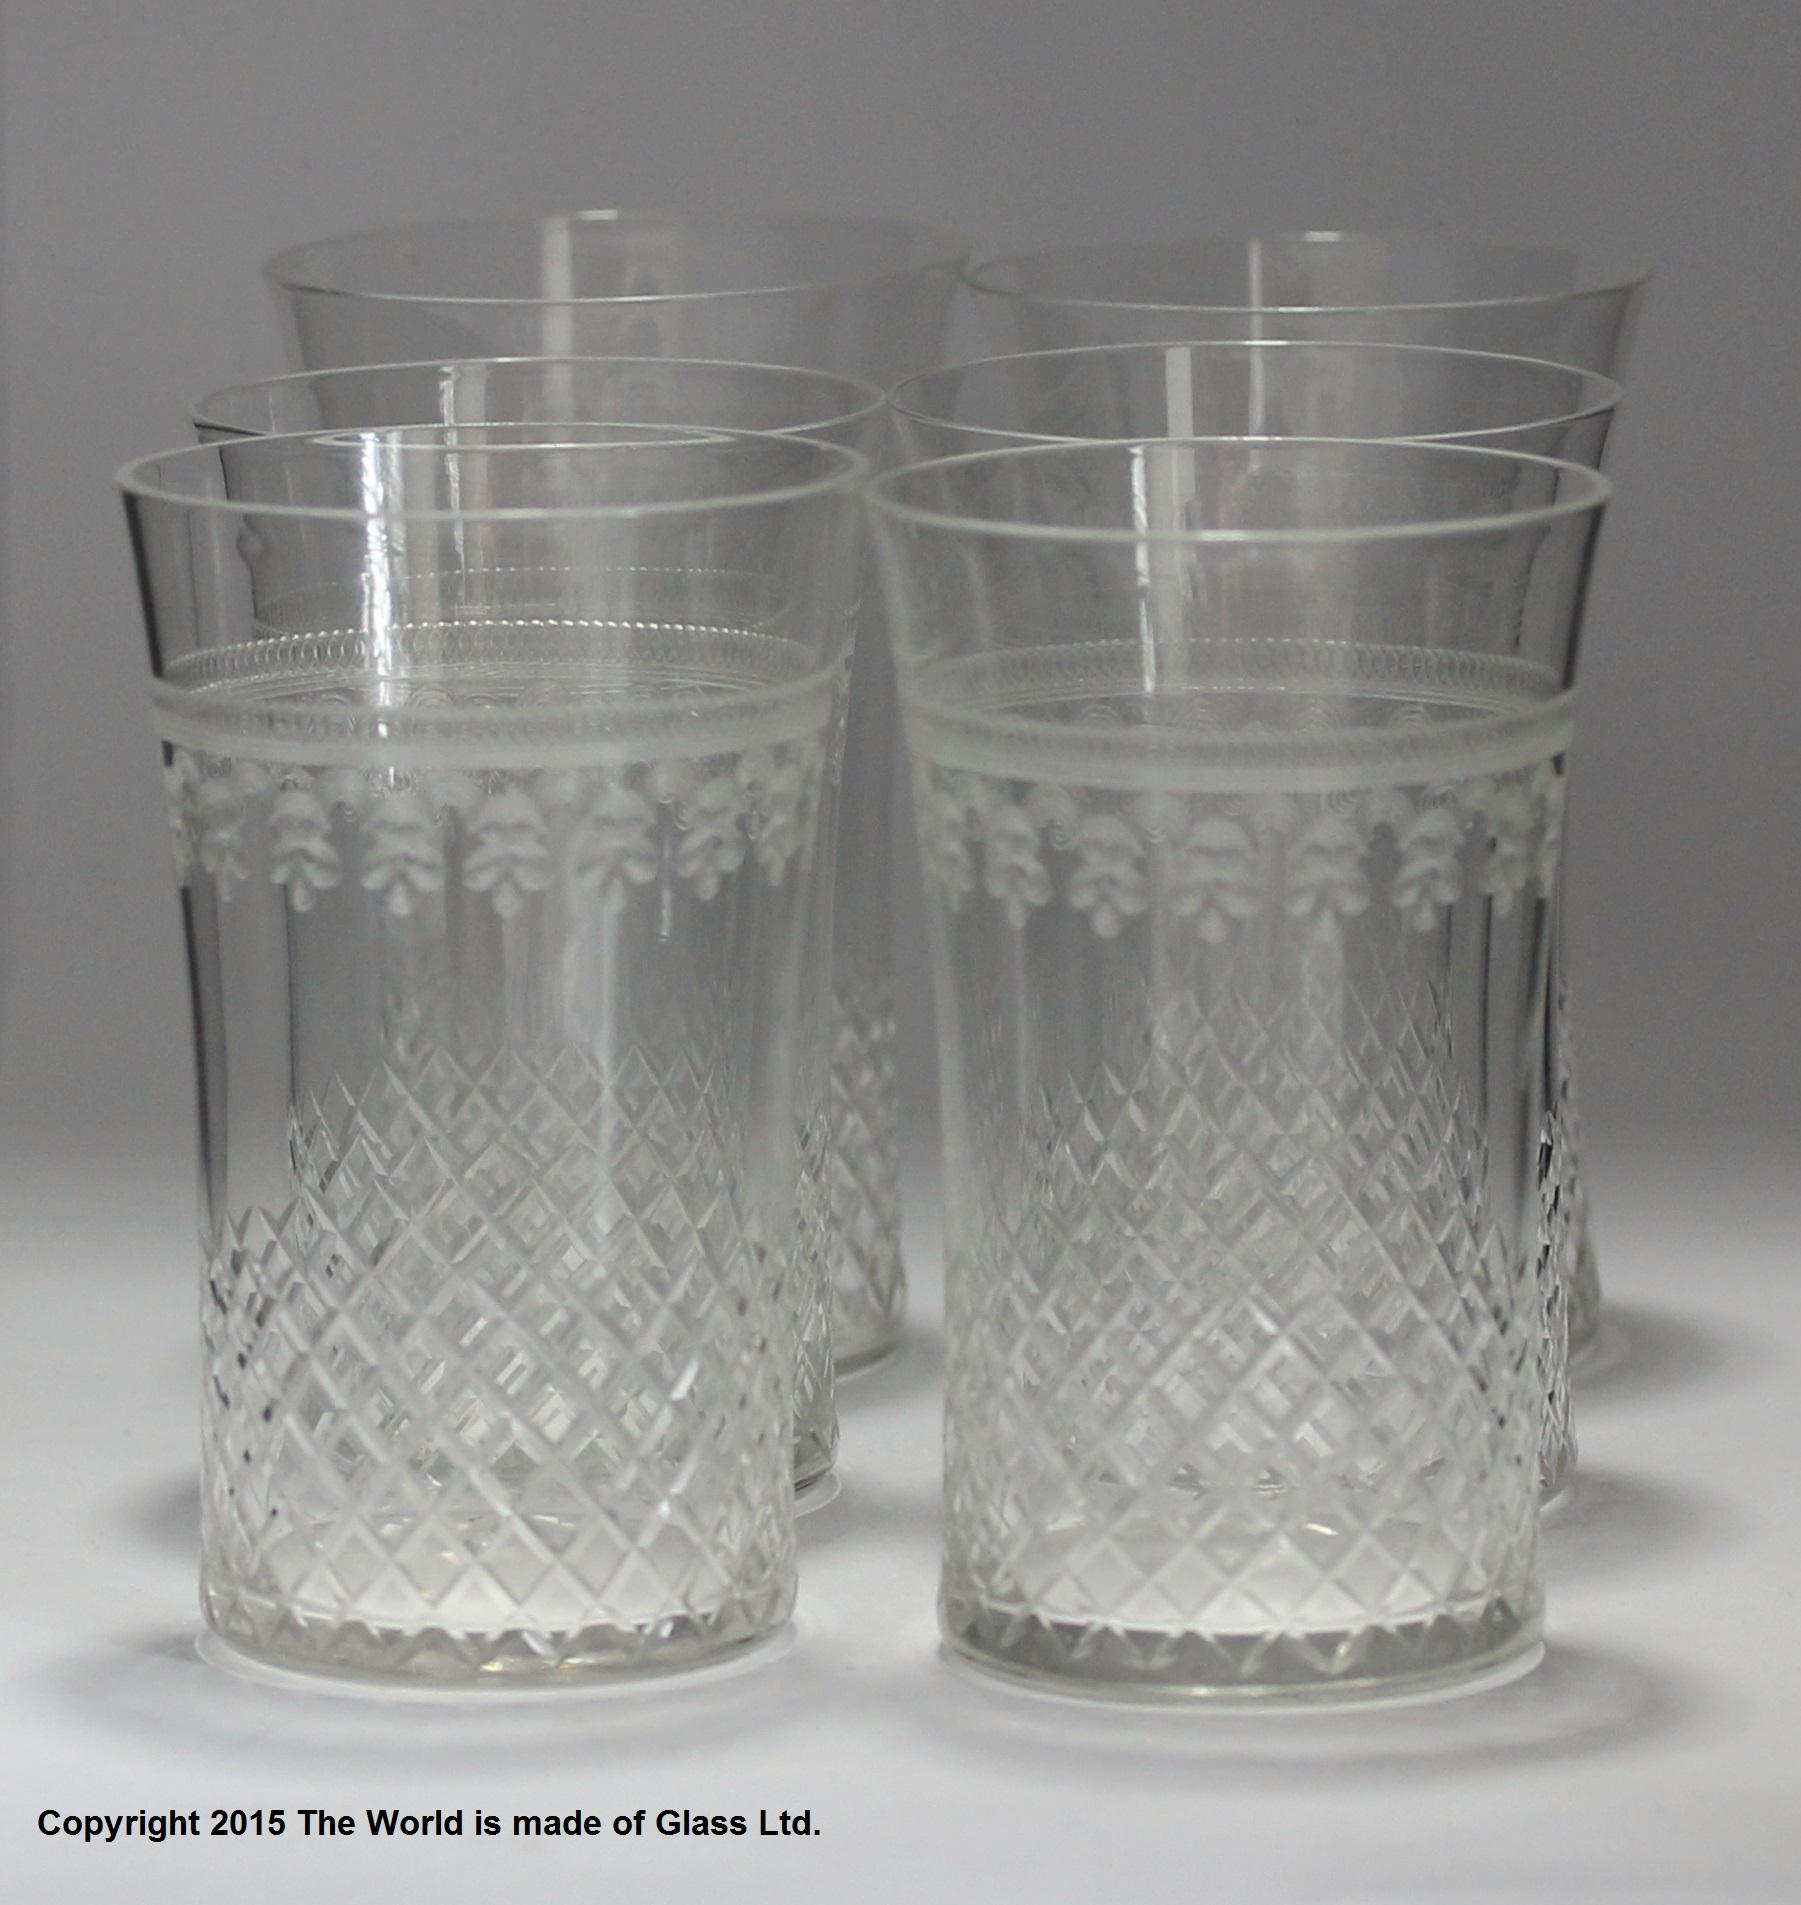 2f26edb55d6 Matched set of six large water glasses, etched & cut